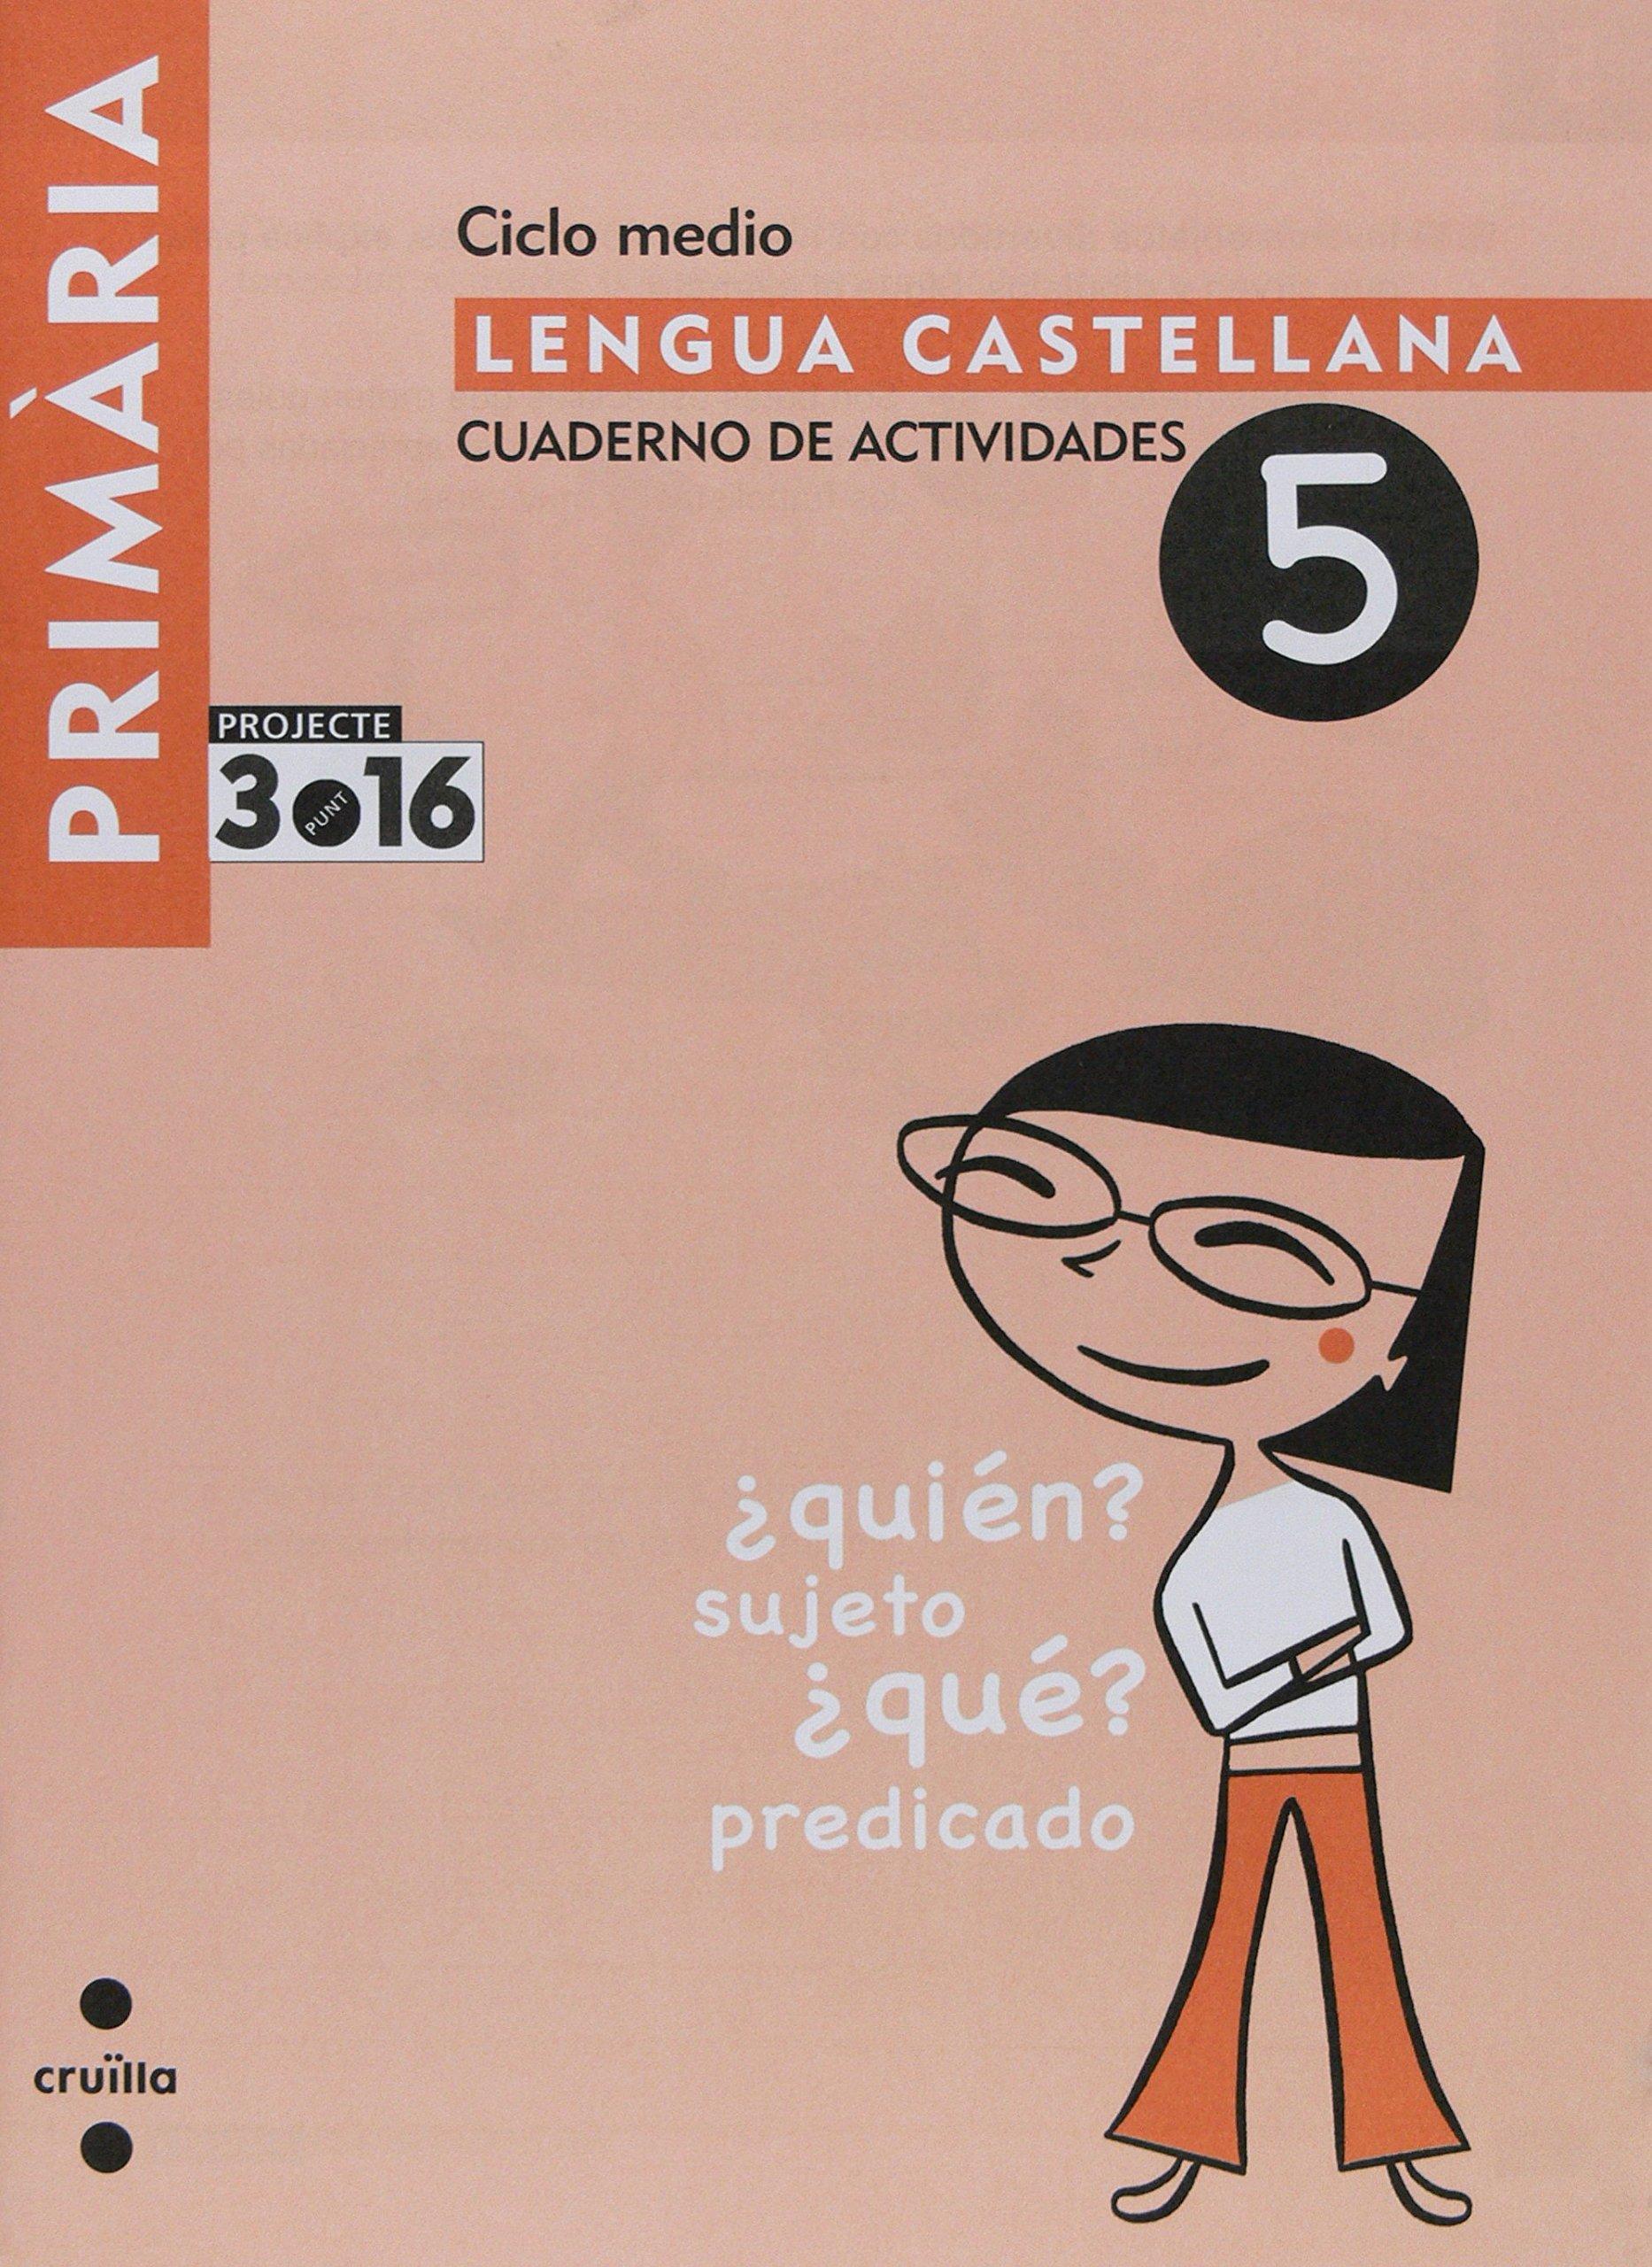 Cuaderno de actividades 5. Ciclo medio. Projecte 3.16 - 9788466119283: Amazon.es: Equip Editorial Cruïlla, Emma Schmid, Montserrat Nieto Manchado: Libros